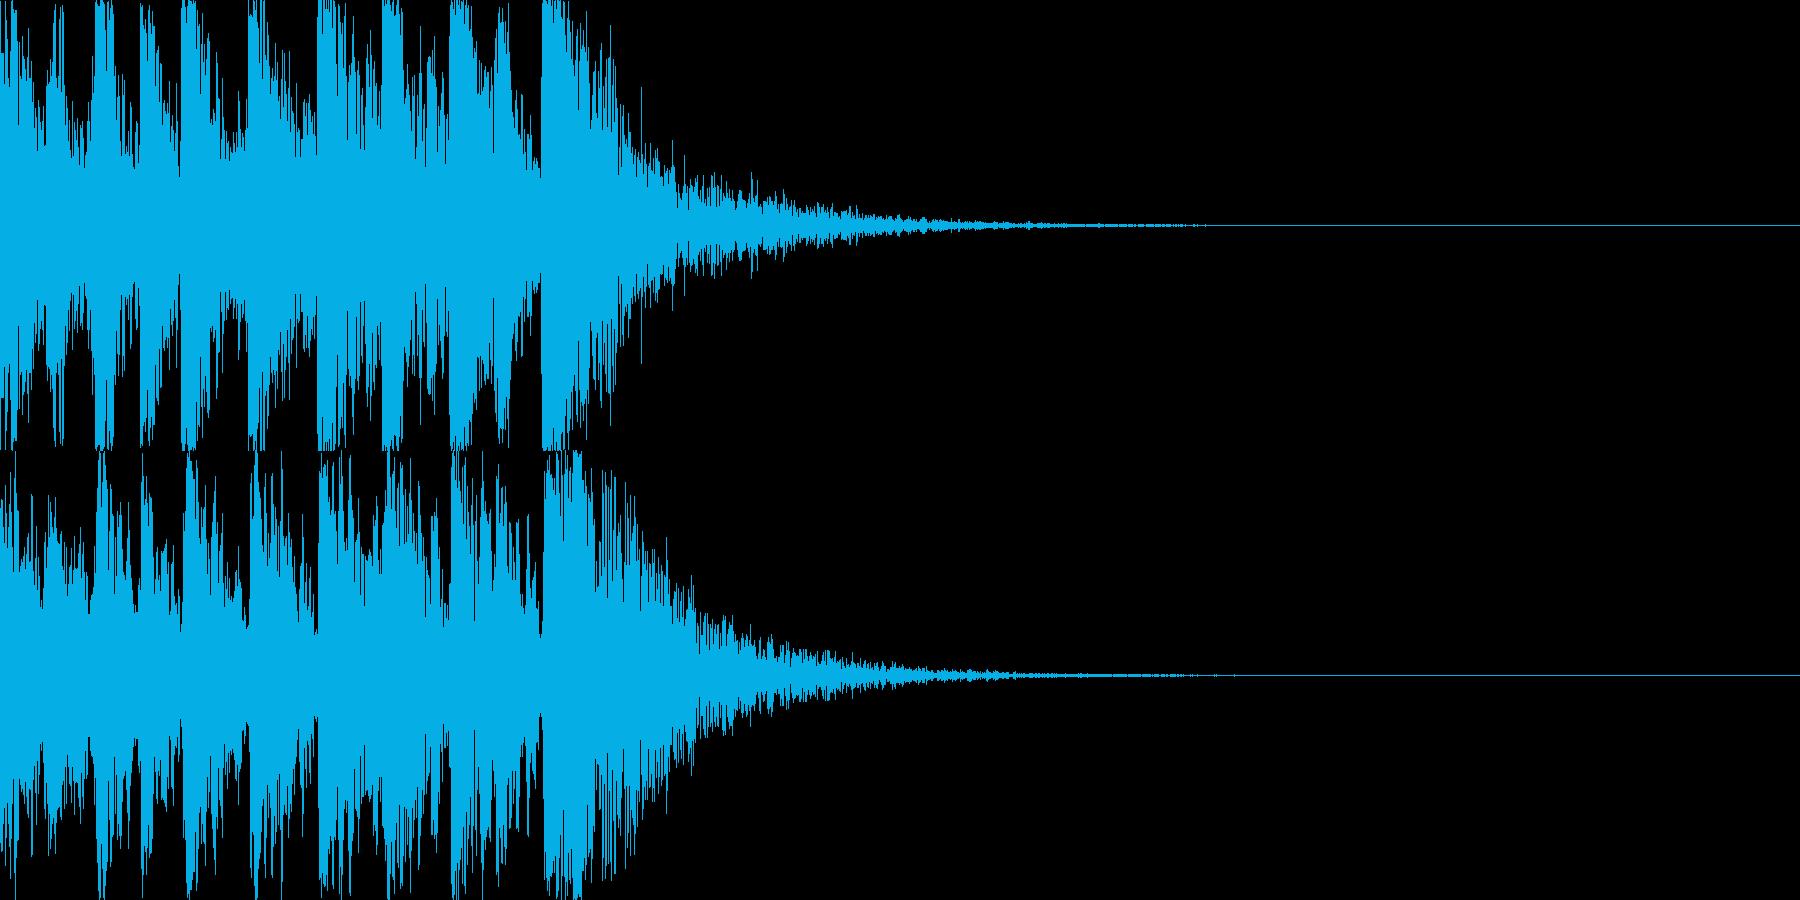 鼓(つづみ)太鼓のフレーズ ジングル03の再生済みの波形